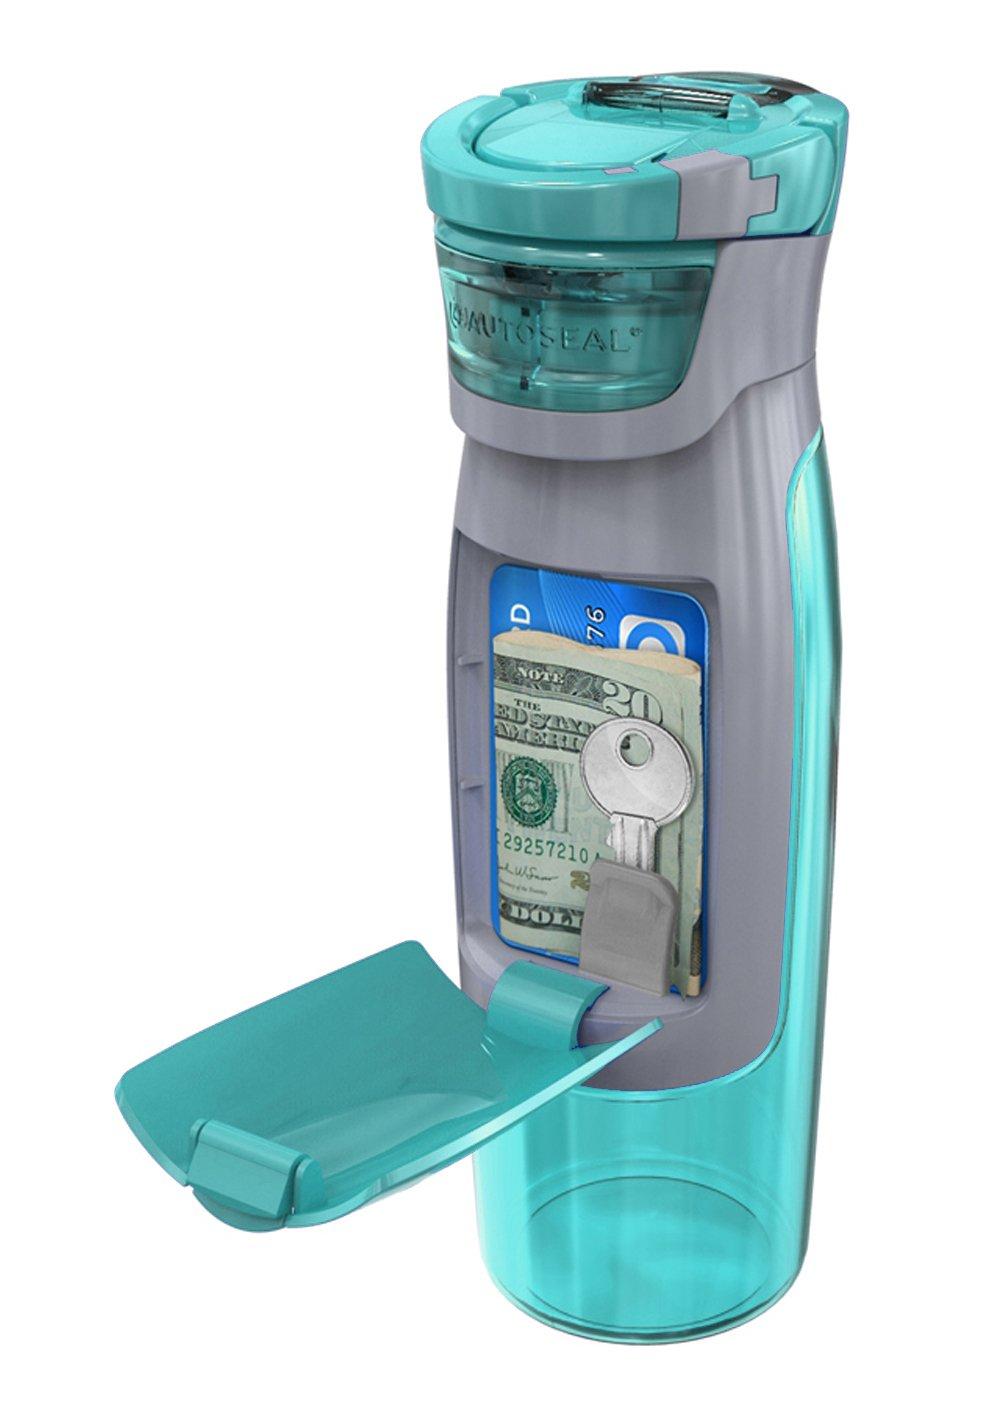 9. Botella de agua con billetera incorporada